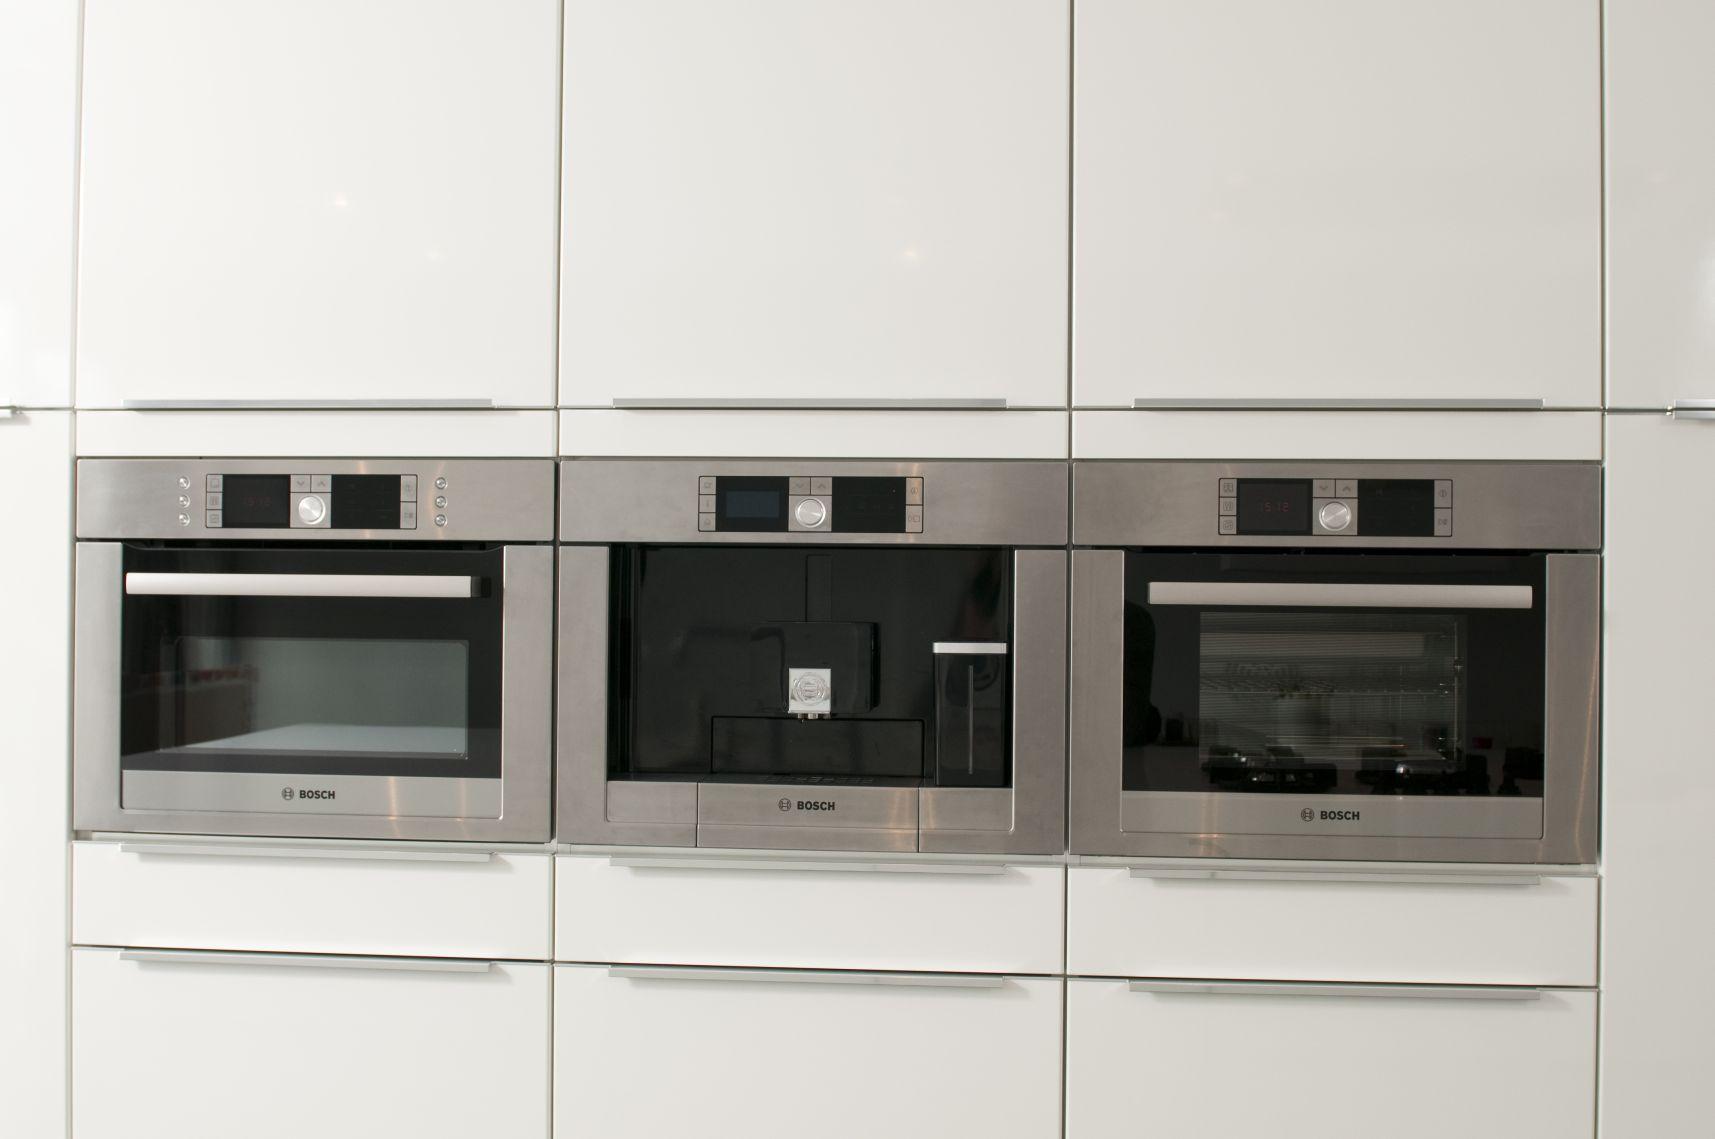 Bosch Keuken Inbouwapparatuur